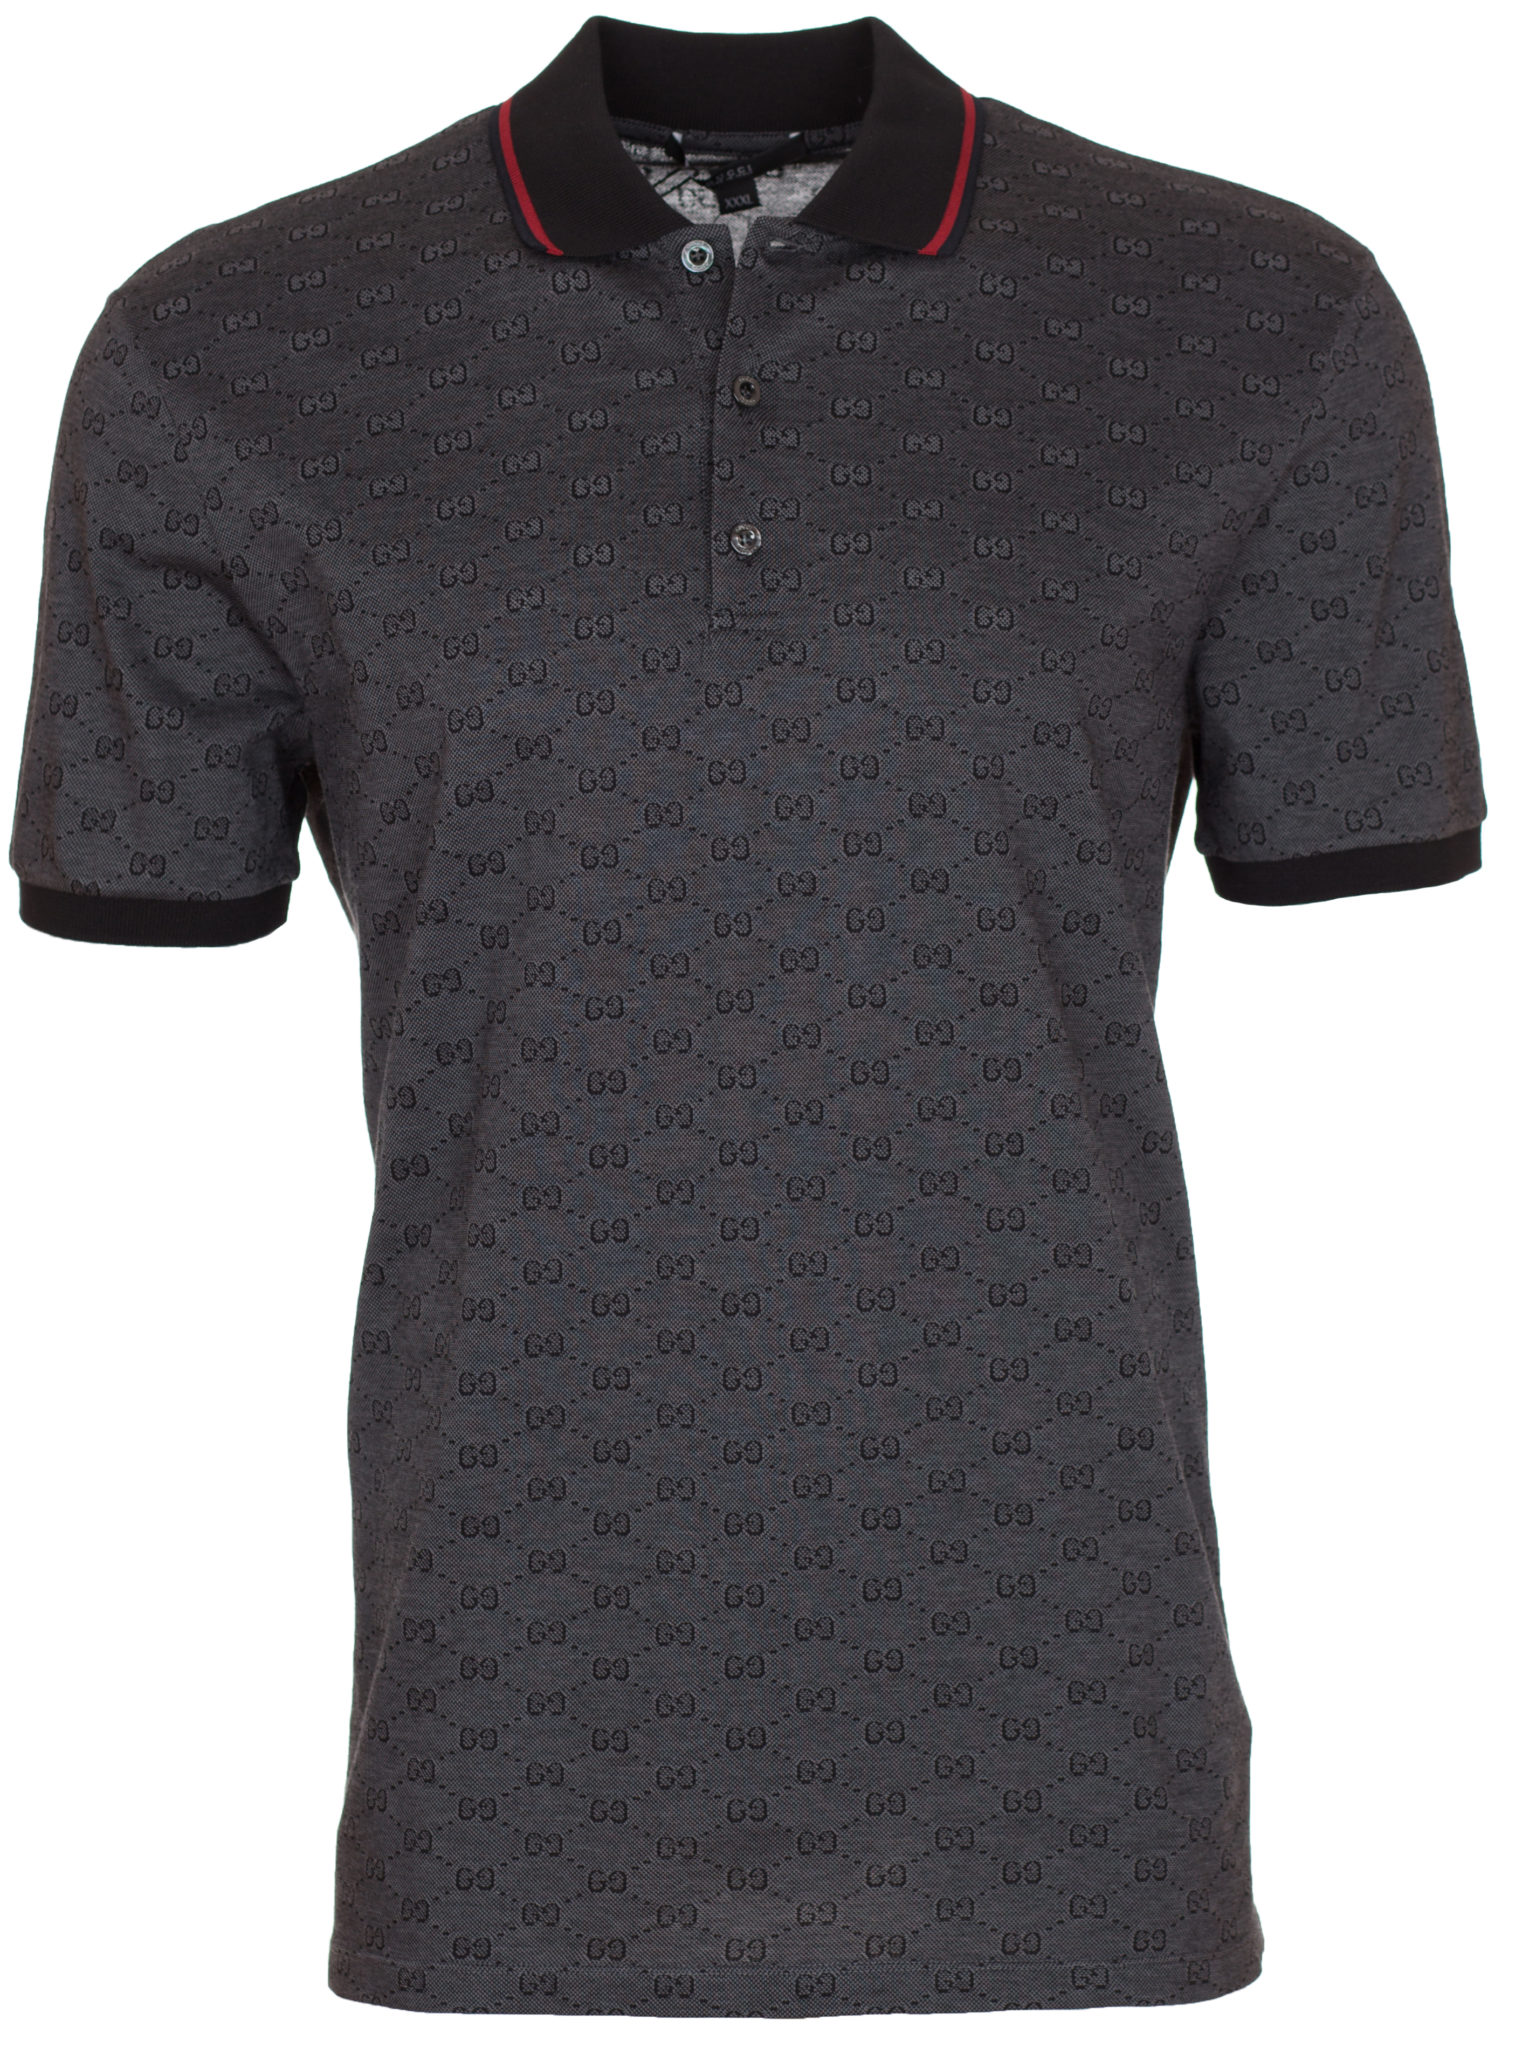 03c5e4e9 Gucci Men's Dark Grey Piqué GG Jacquard Short Sleeve Polo Shirt